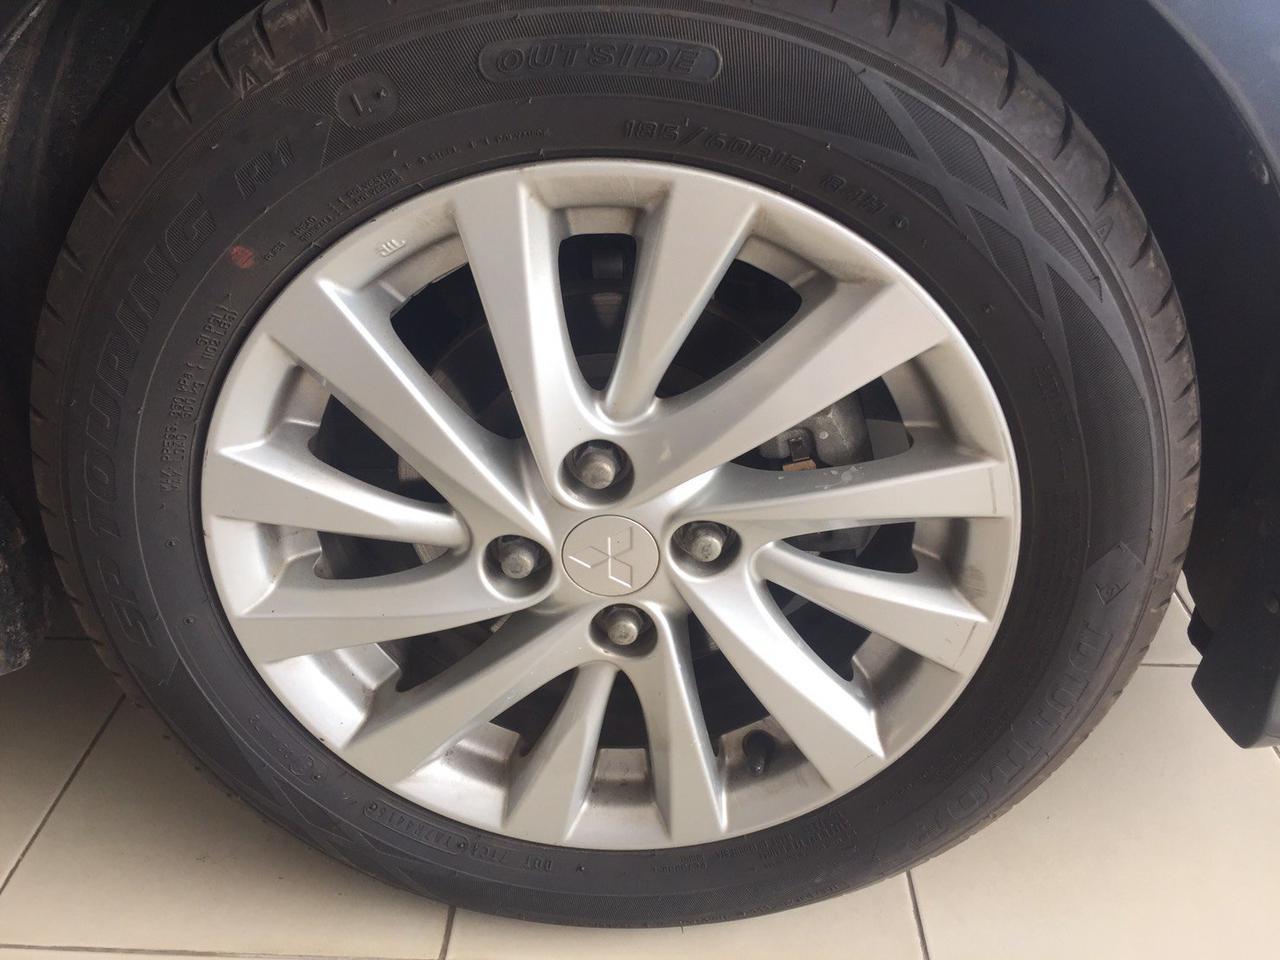 ขายรถรถเก๋ง Mitsubishi Attrage 1.2 GLS Auto จังหวัดอุบลราชธานี รูปที่ 3